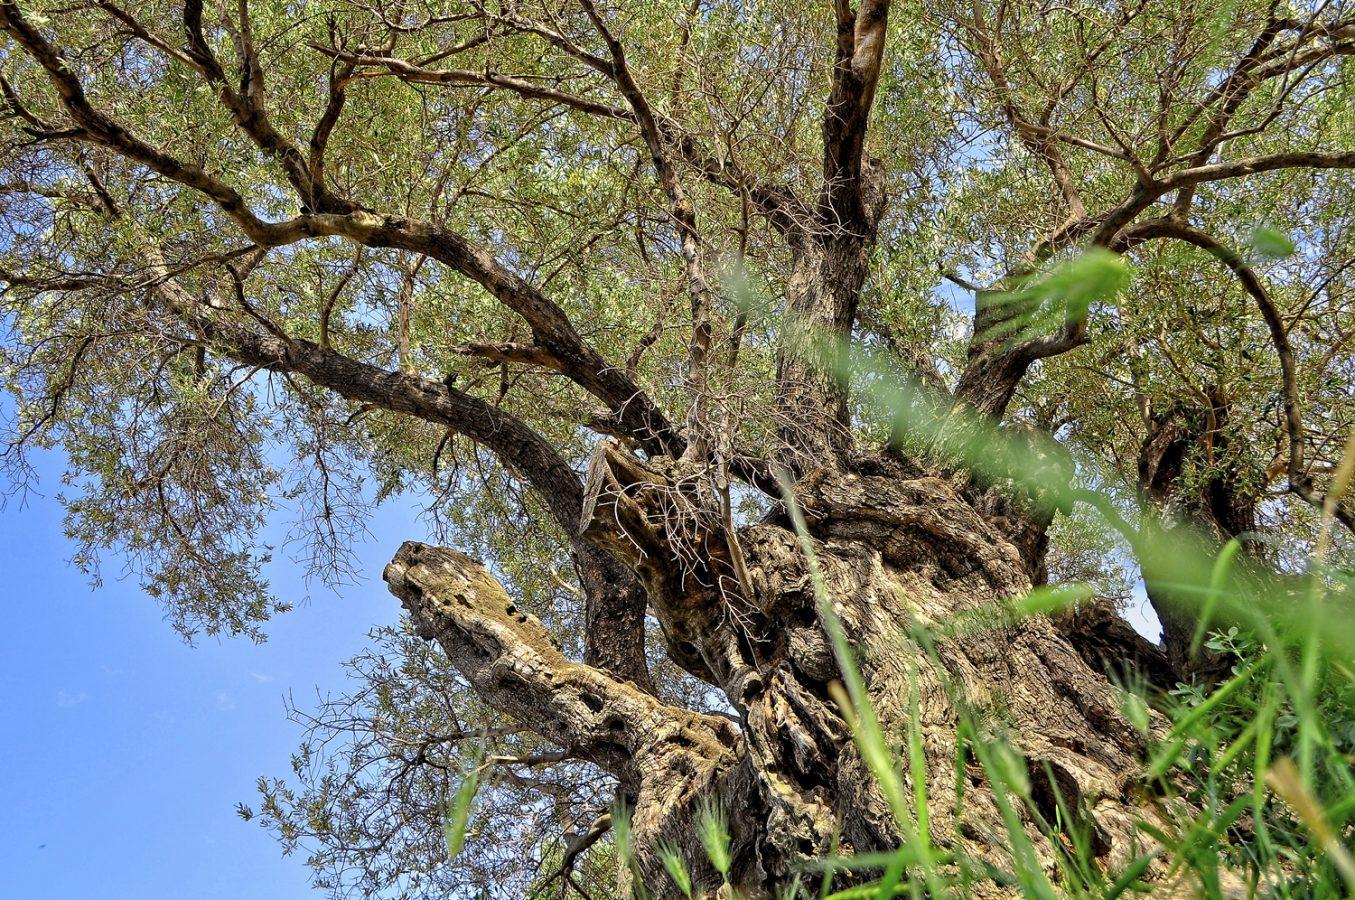 The Monumental Olive Tree of Paliama